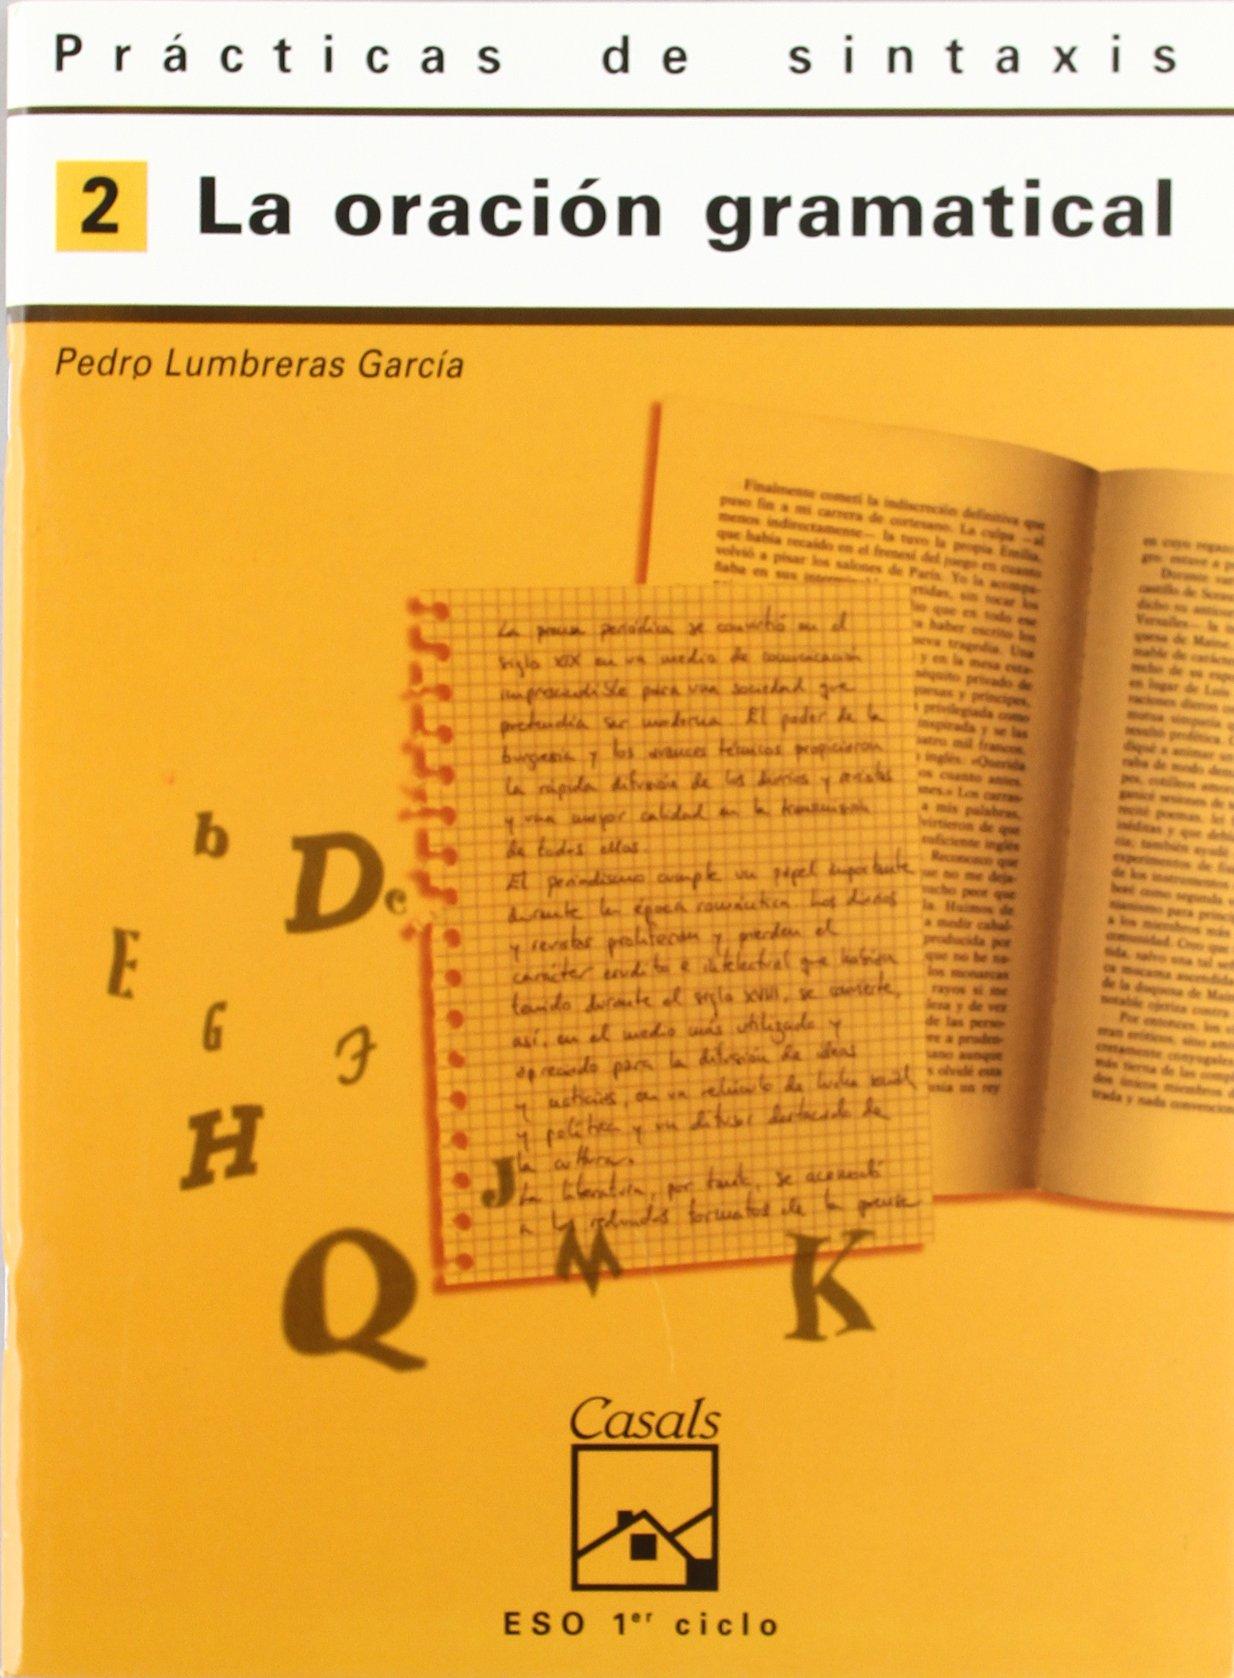 Prácticas de sintaxis 2. La oración gramatical - 9788421821664: Amazon.es: Pedro Lumbreras García: Libros